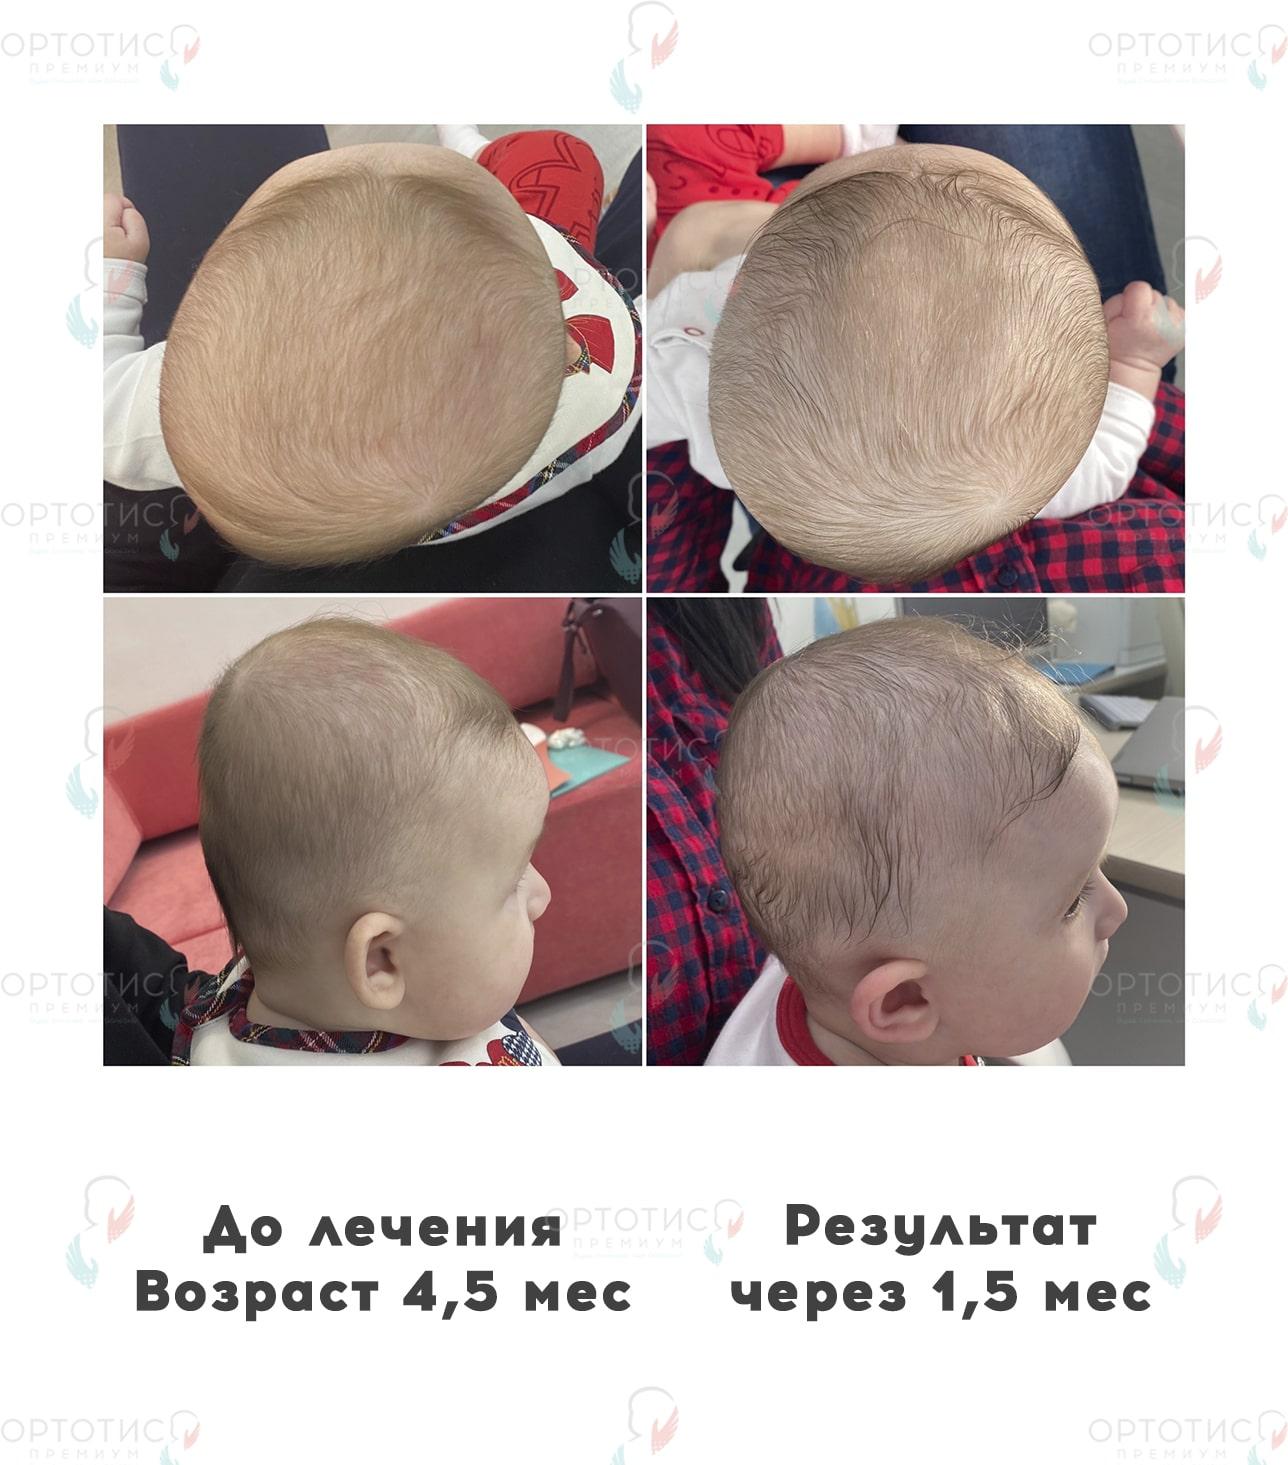 Асимметричная брахицефалия, 1,5 месяца - Ортотис Премиум